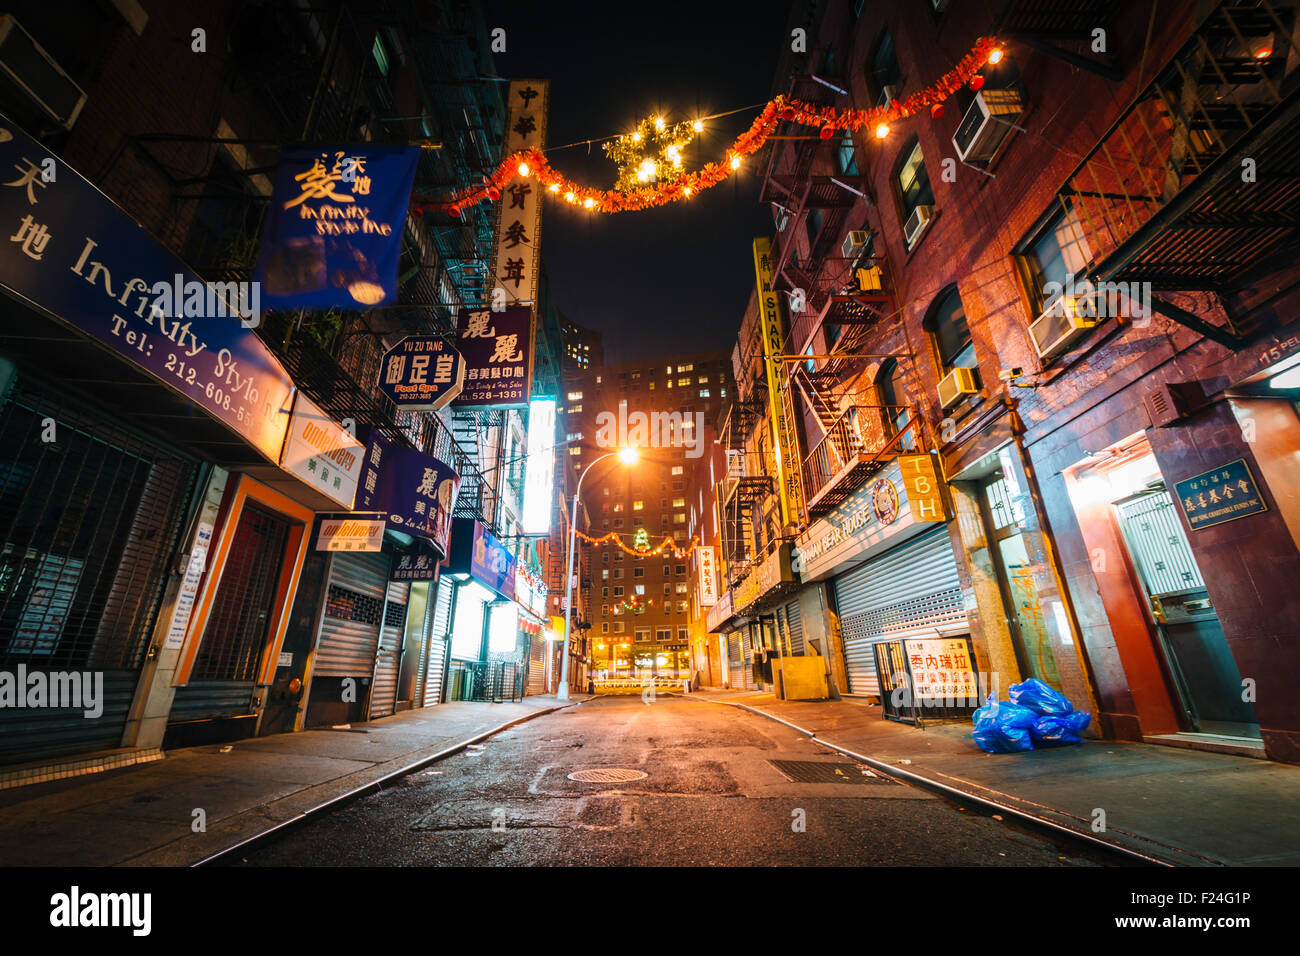 Pell Street At Night In Chinatown Manhattan New York Stock Photo Alamy